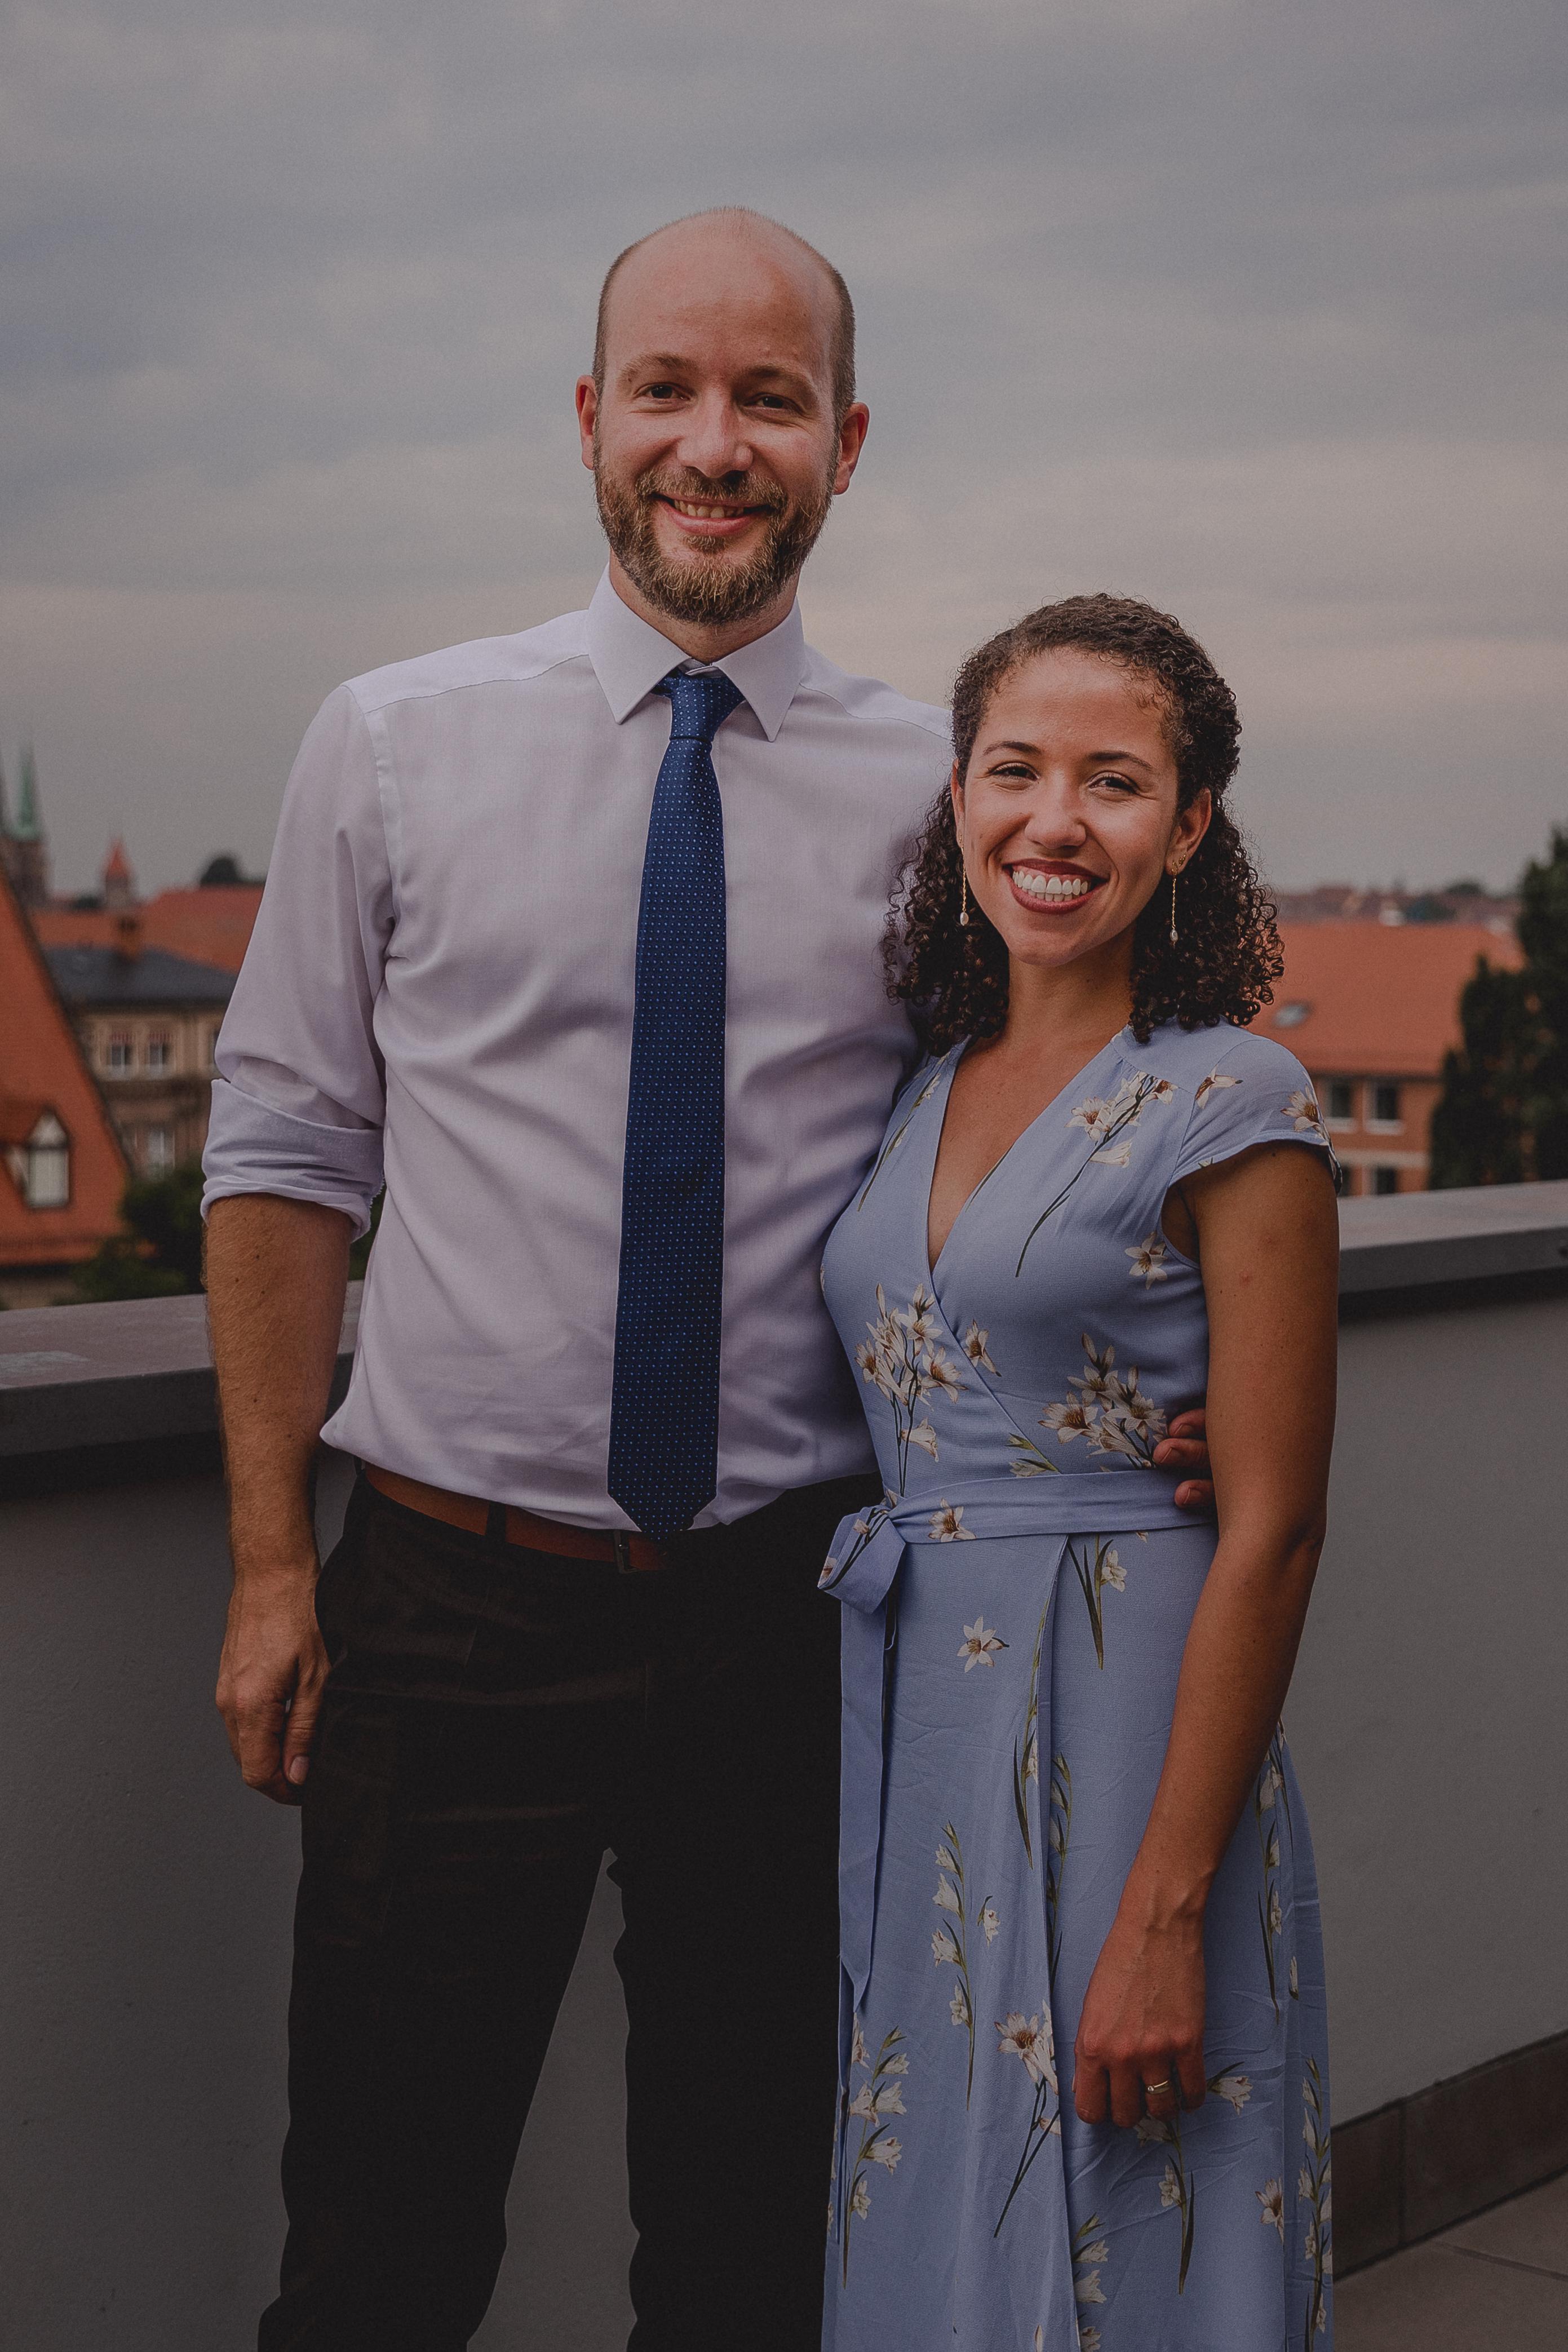 Hochzeitsfotograf-Nuernberg-Design-Offices-Urbanerie-Sabrina-und-Simon-137